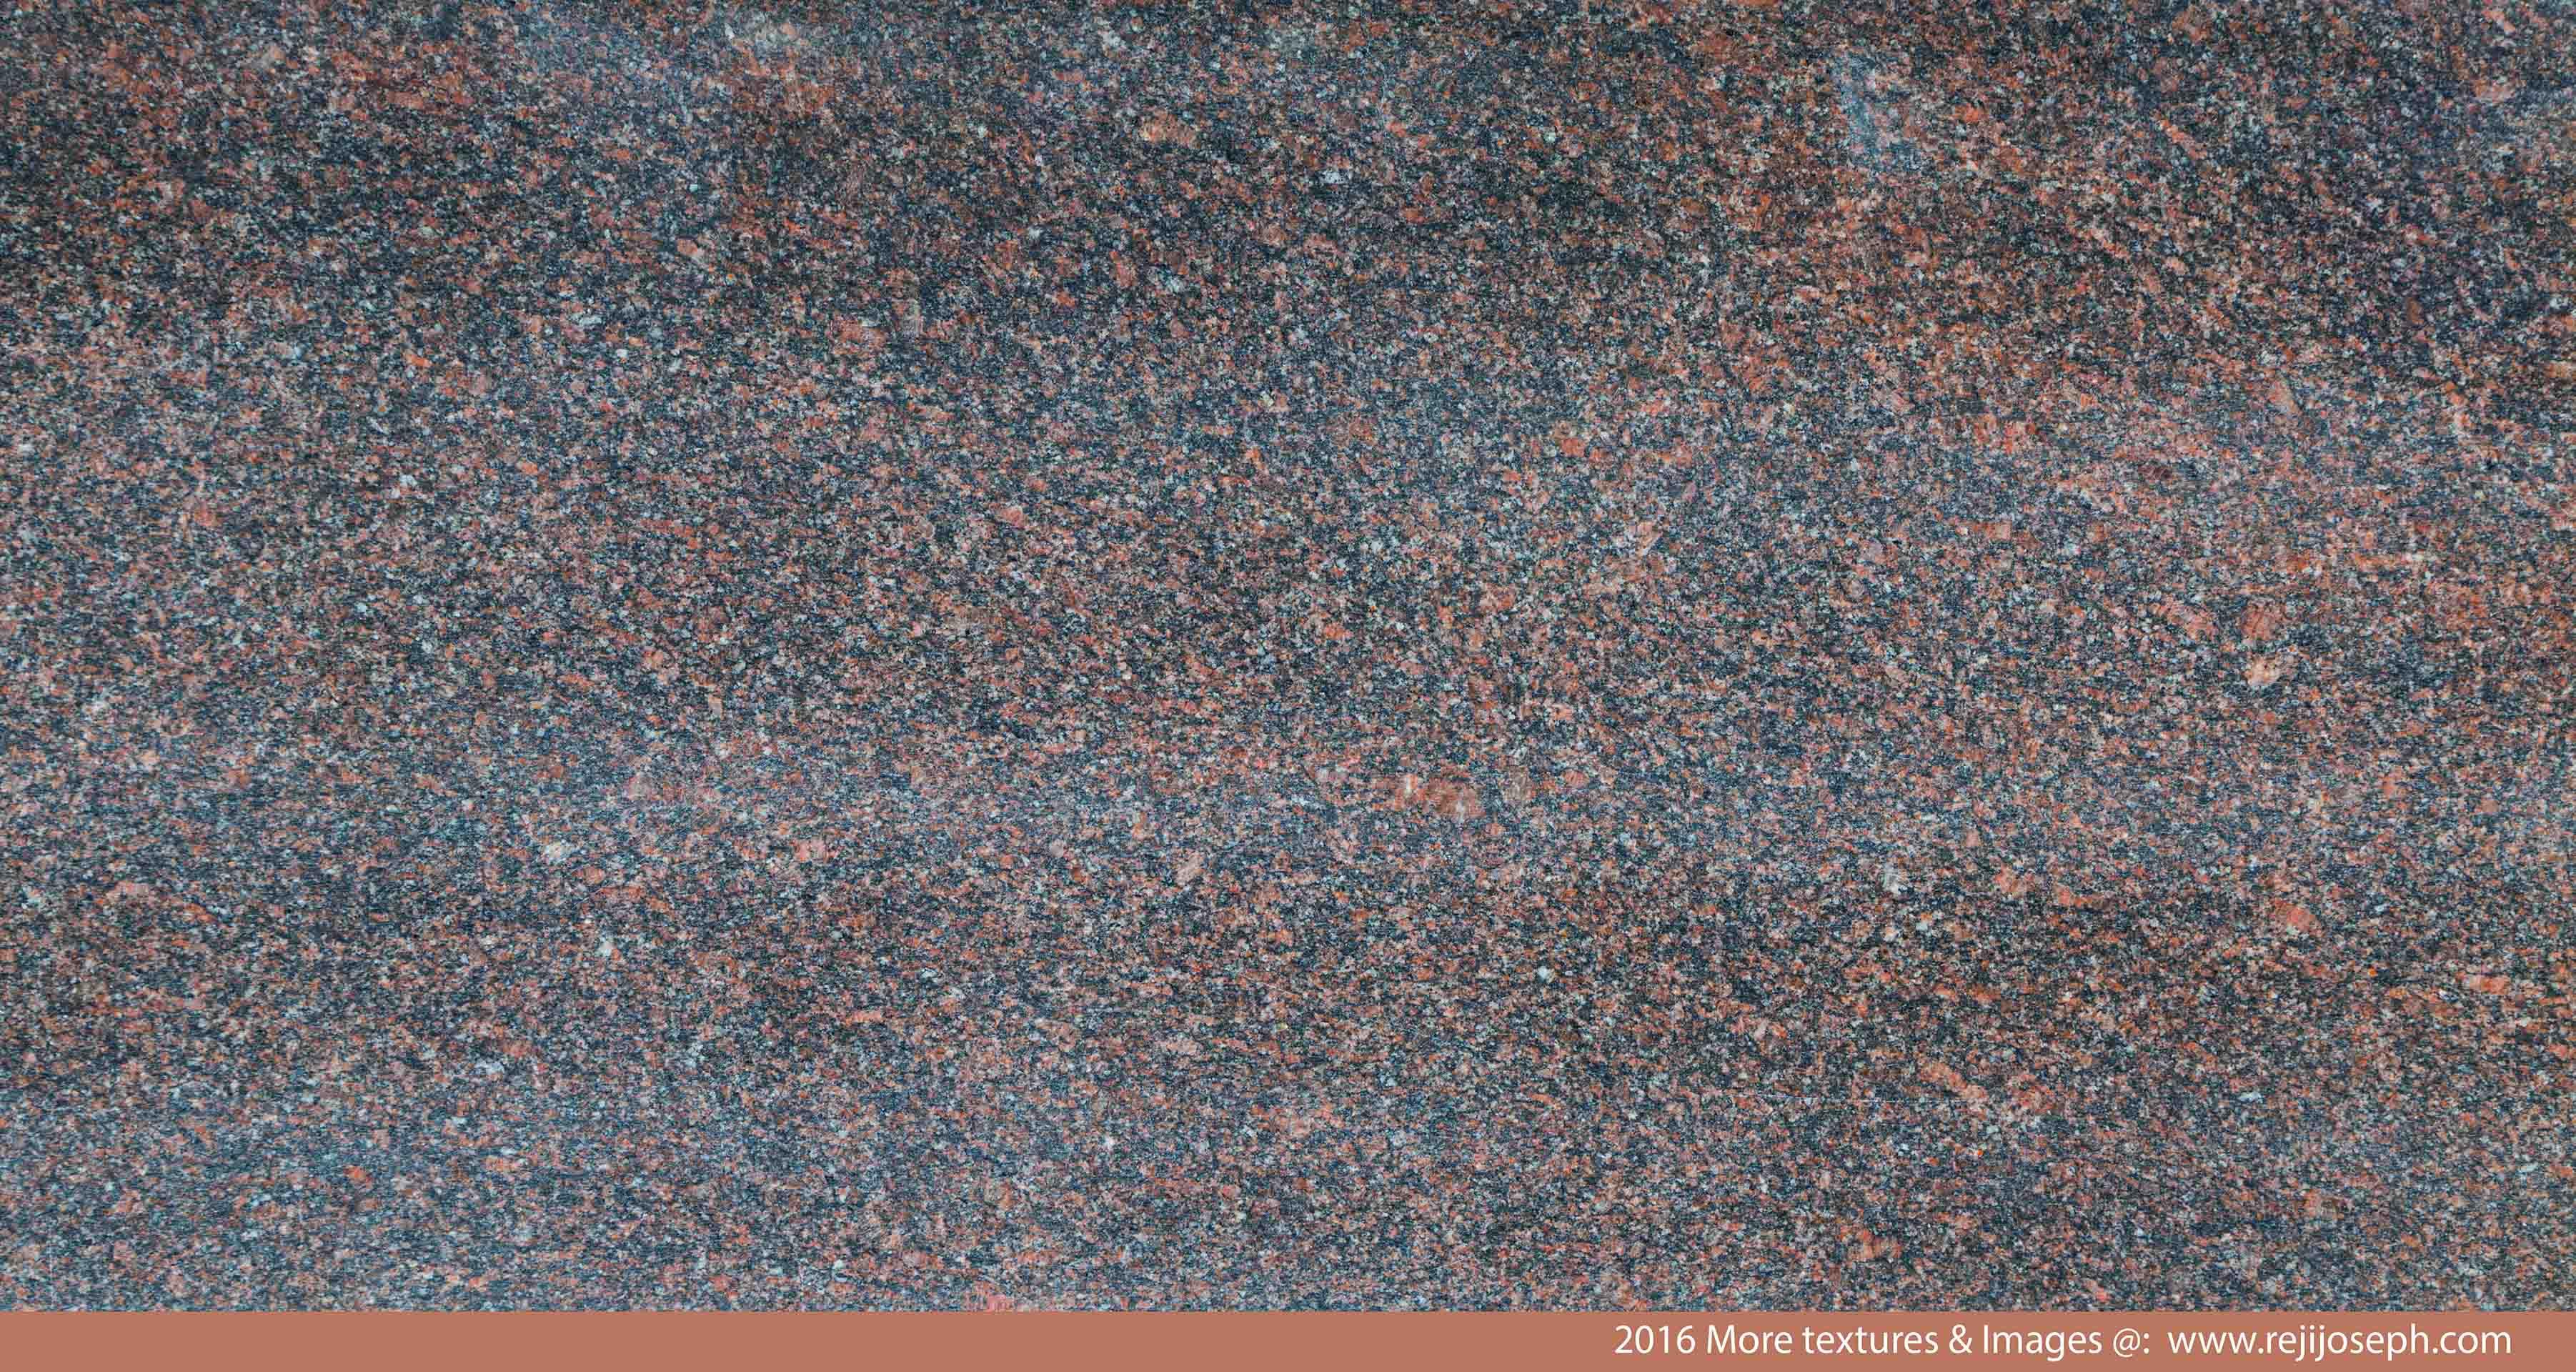 Indian Aurora Marbles Granites Texture 00082